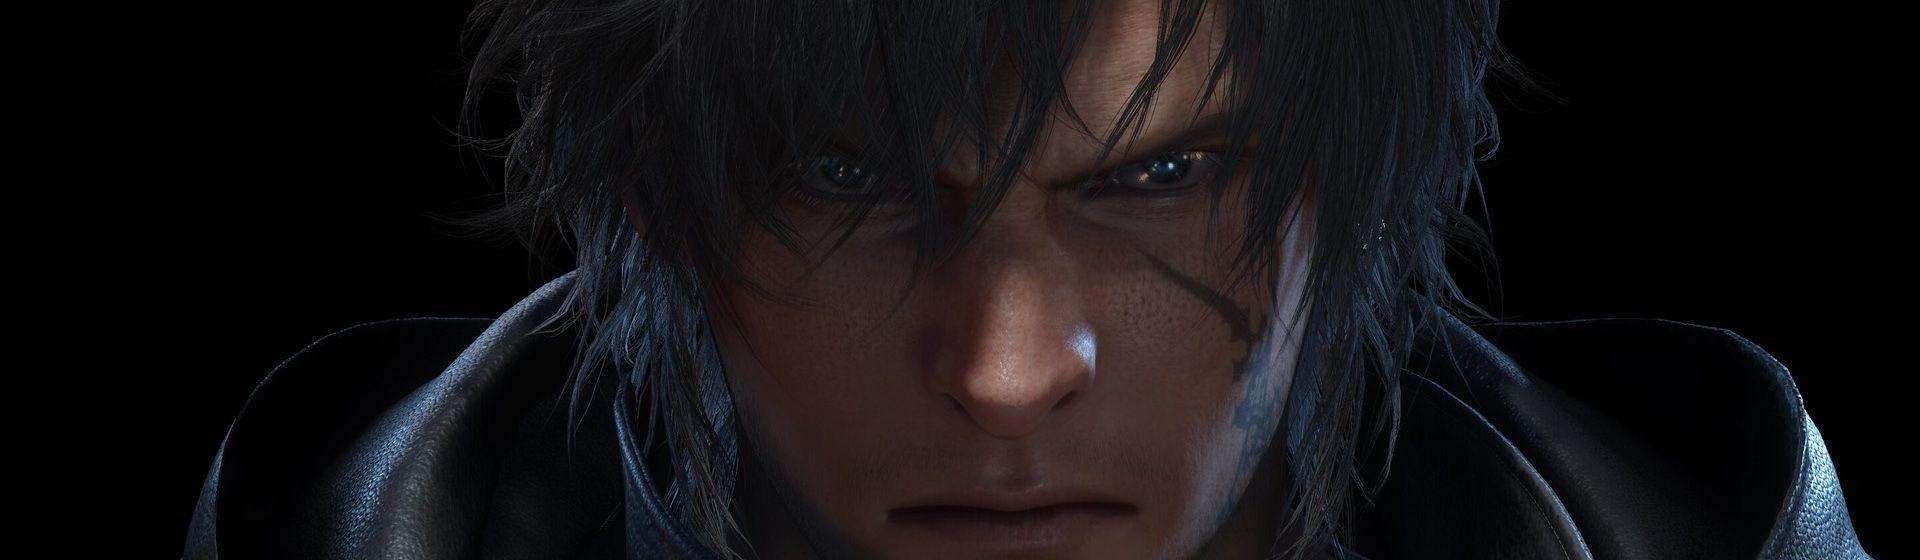 Final Fantasy XVI é anunciado para PS5; lançamento será em 2021